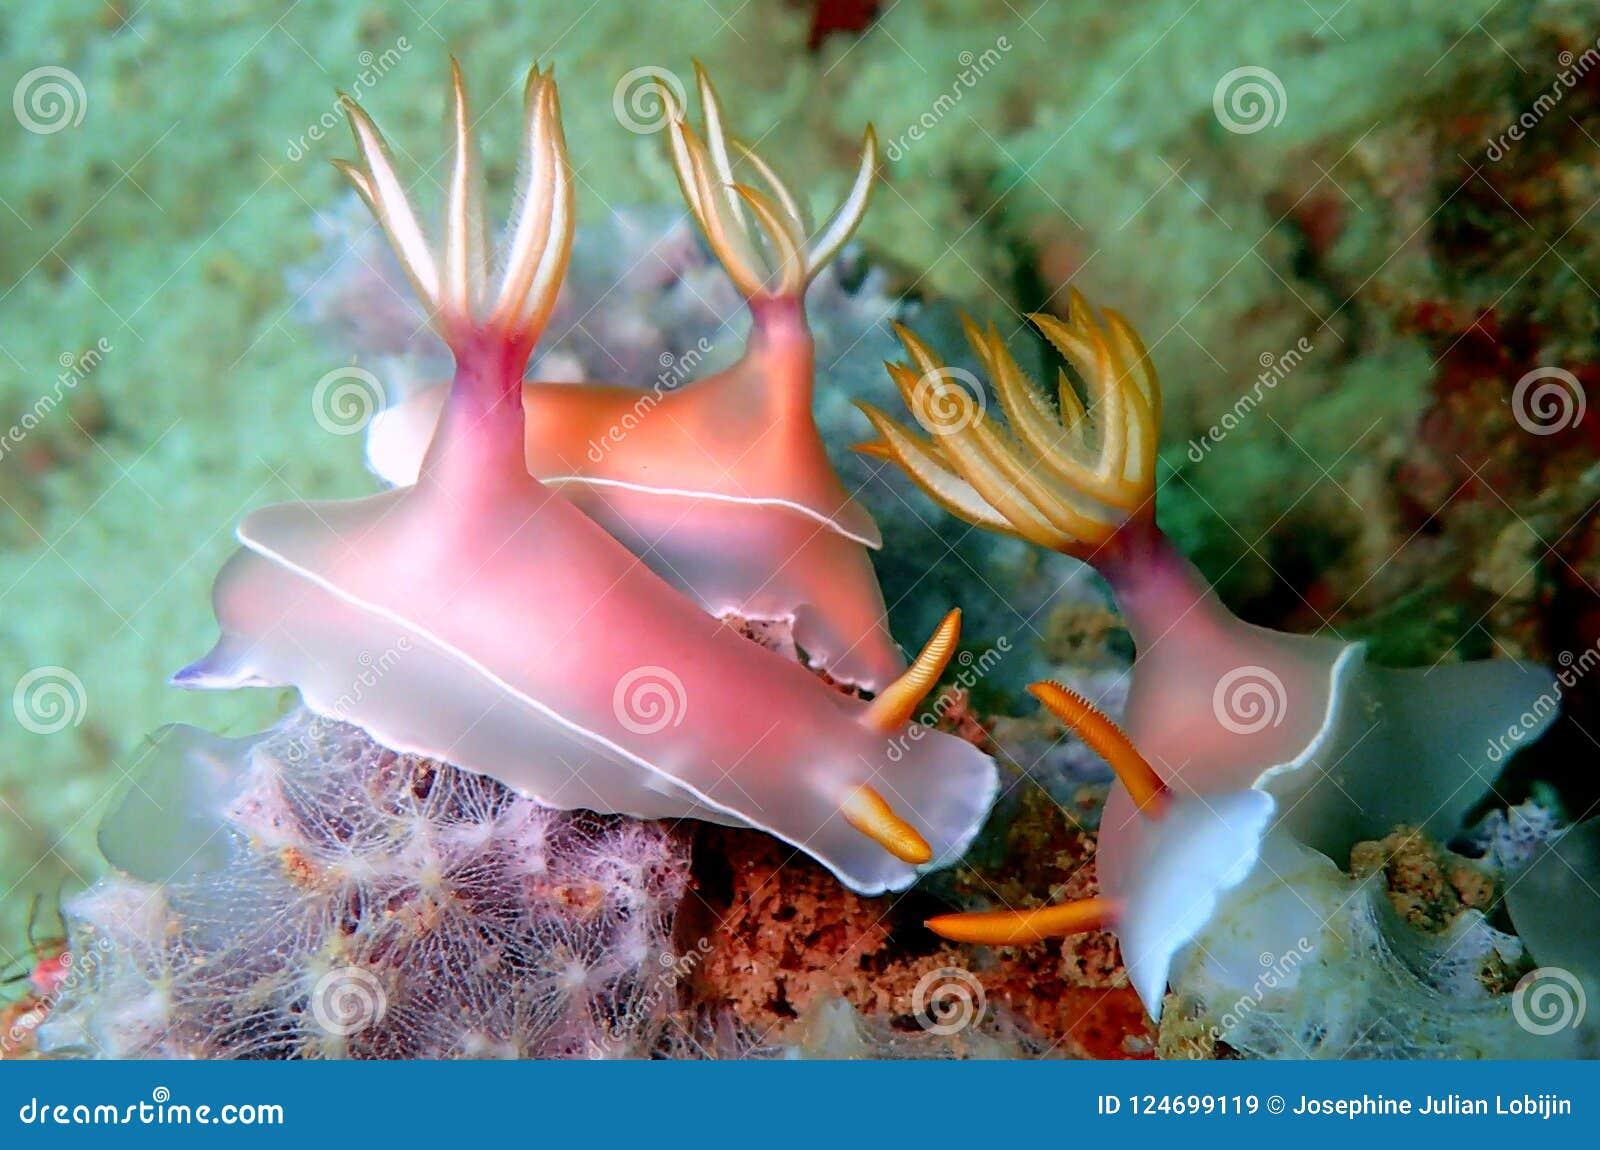 Nudibranchs, soort gelijkaardig een overzeese naaktslak, komt in vrijwel elke kleur en combinatie kleuren en is uiterst mooi